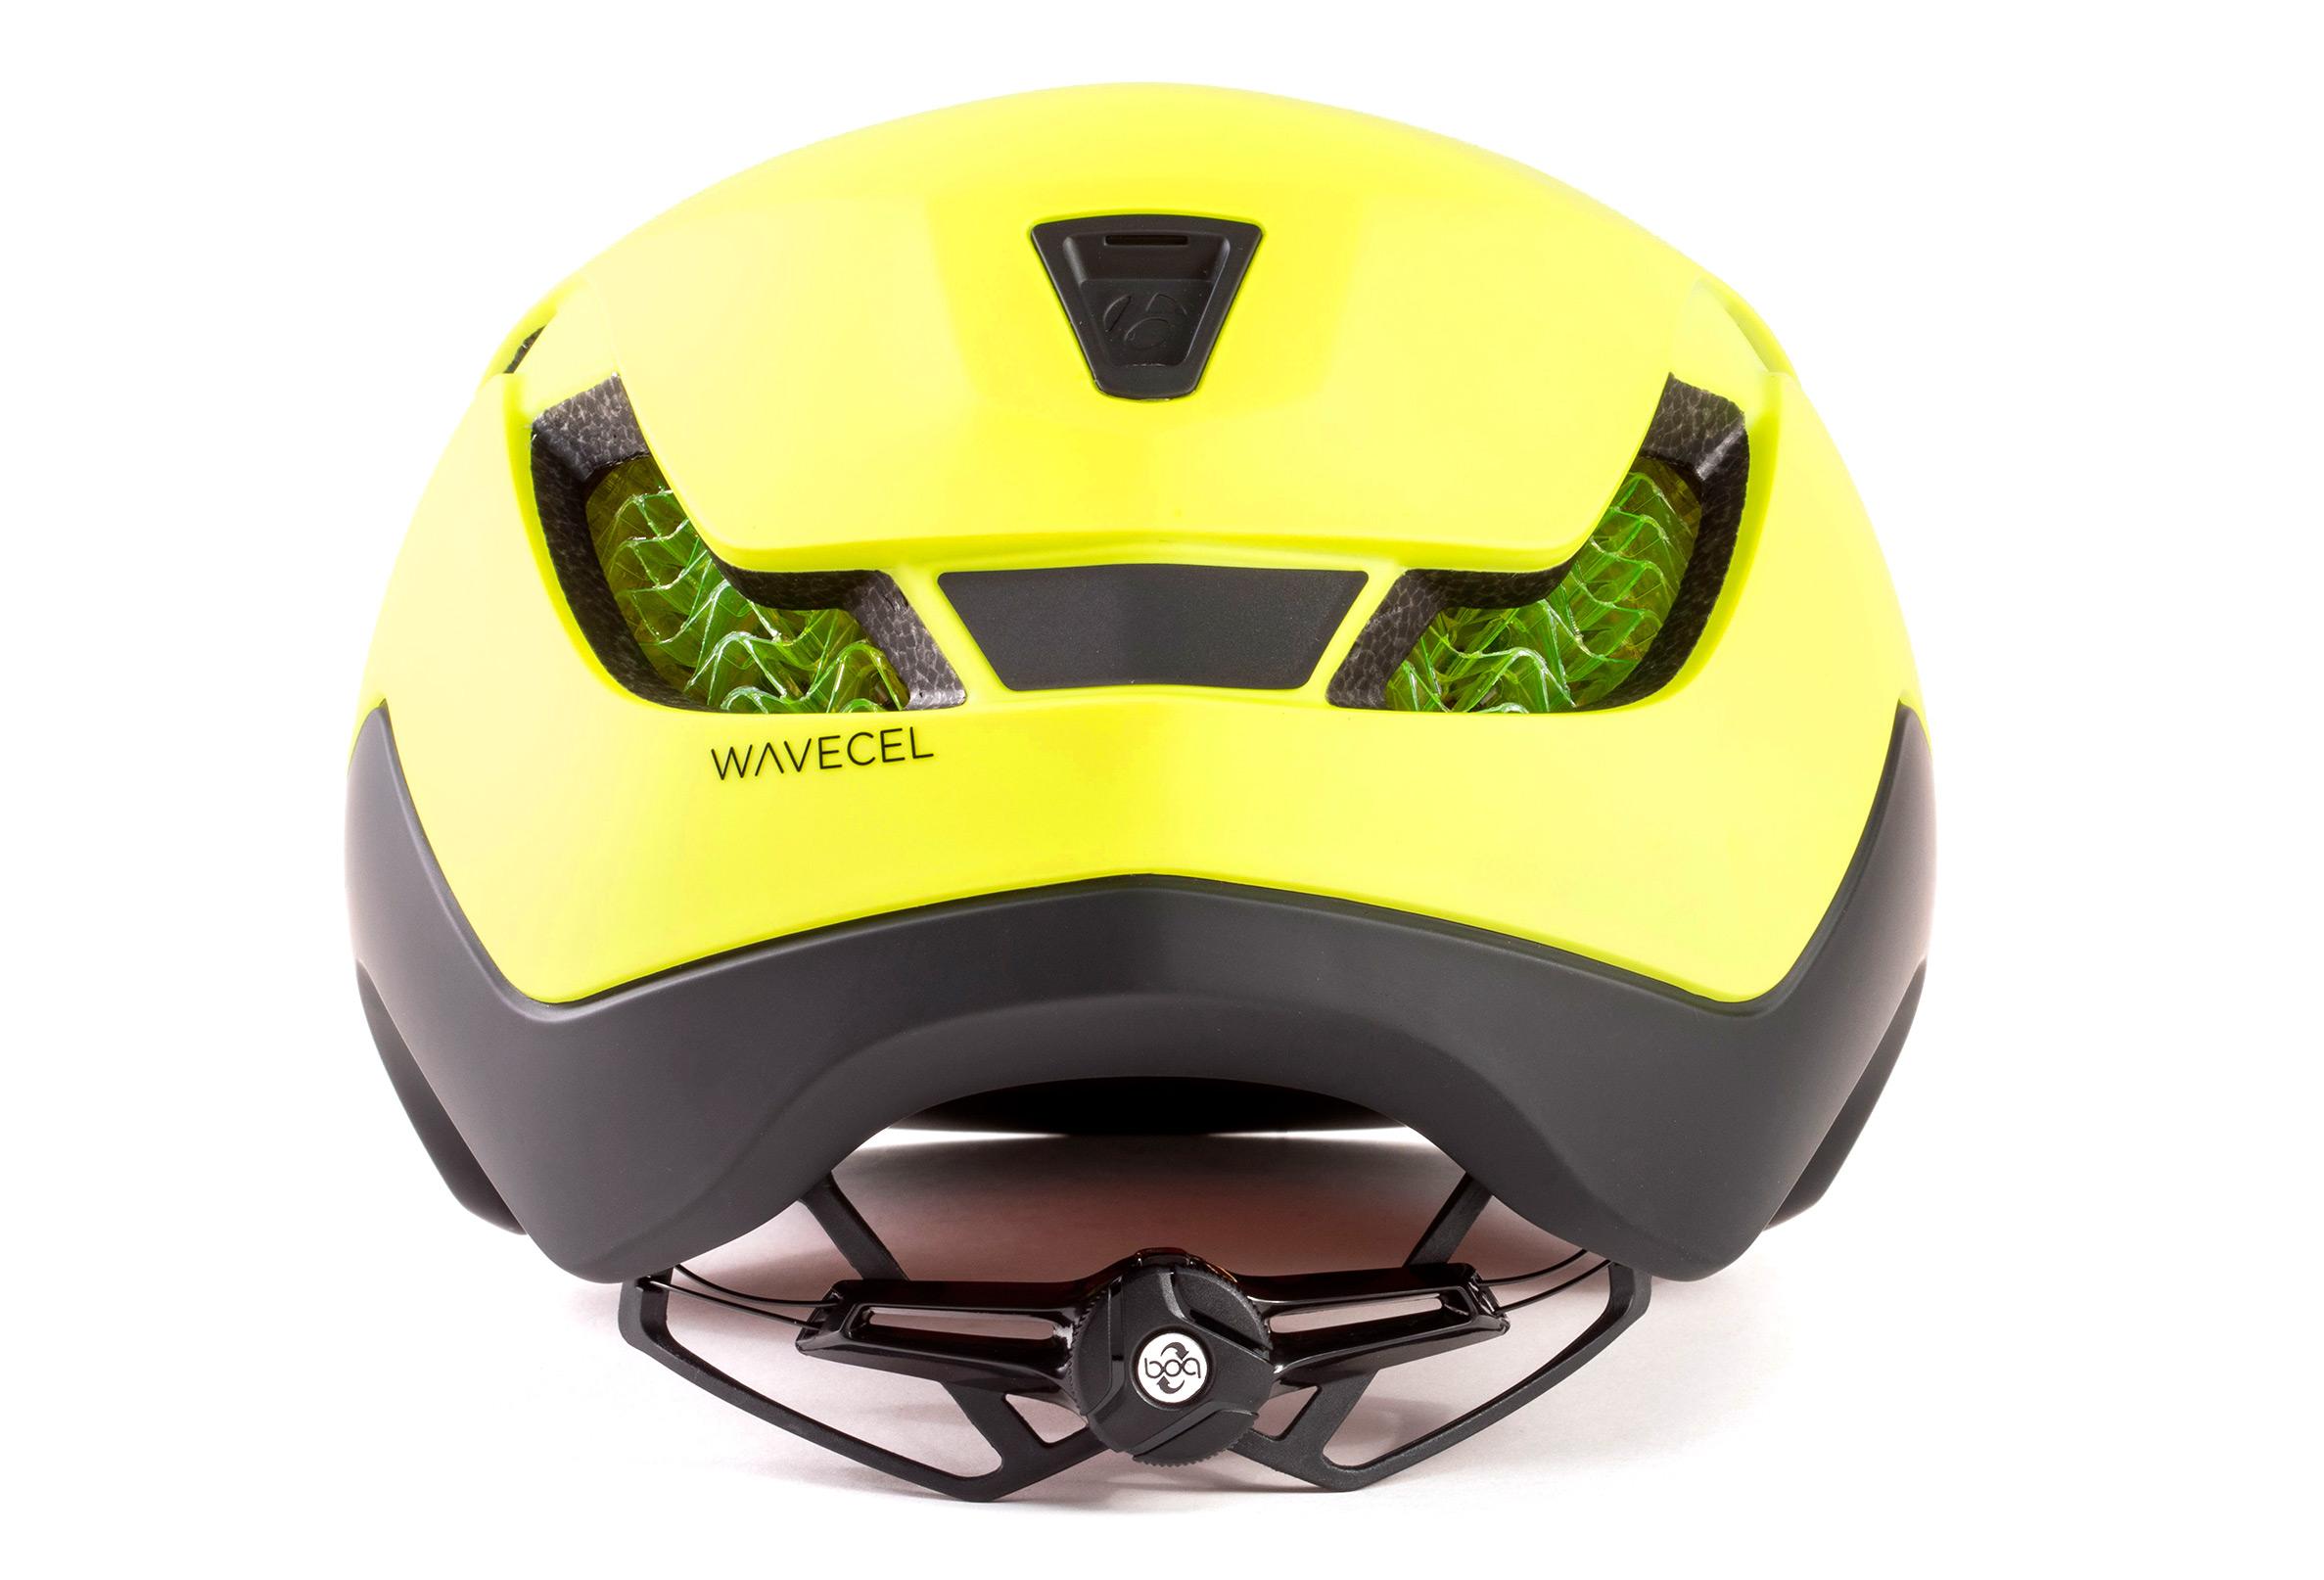 Helm City Bontrager Charge WaveCel Gelb Radioaktiv